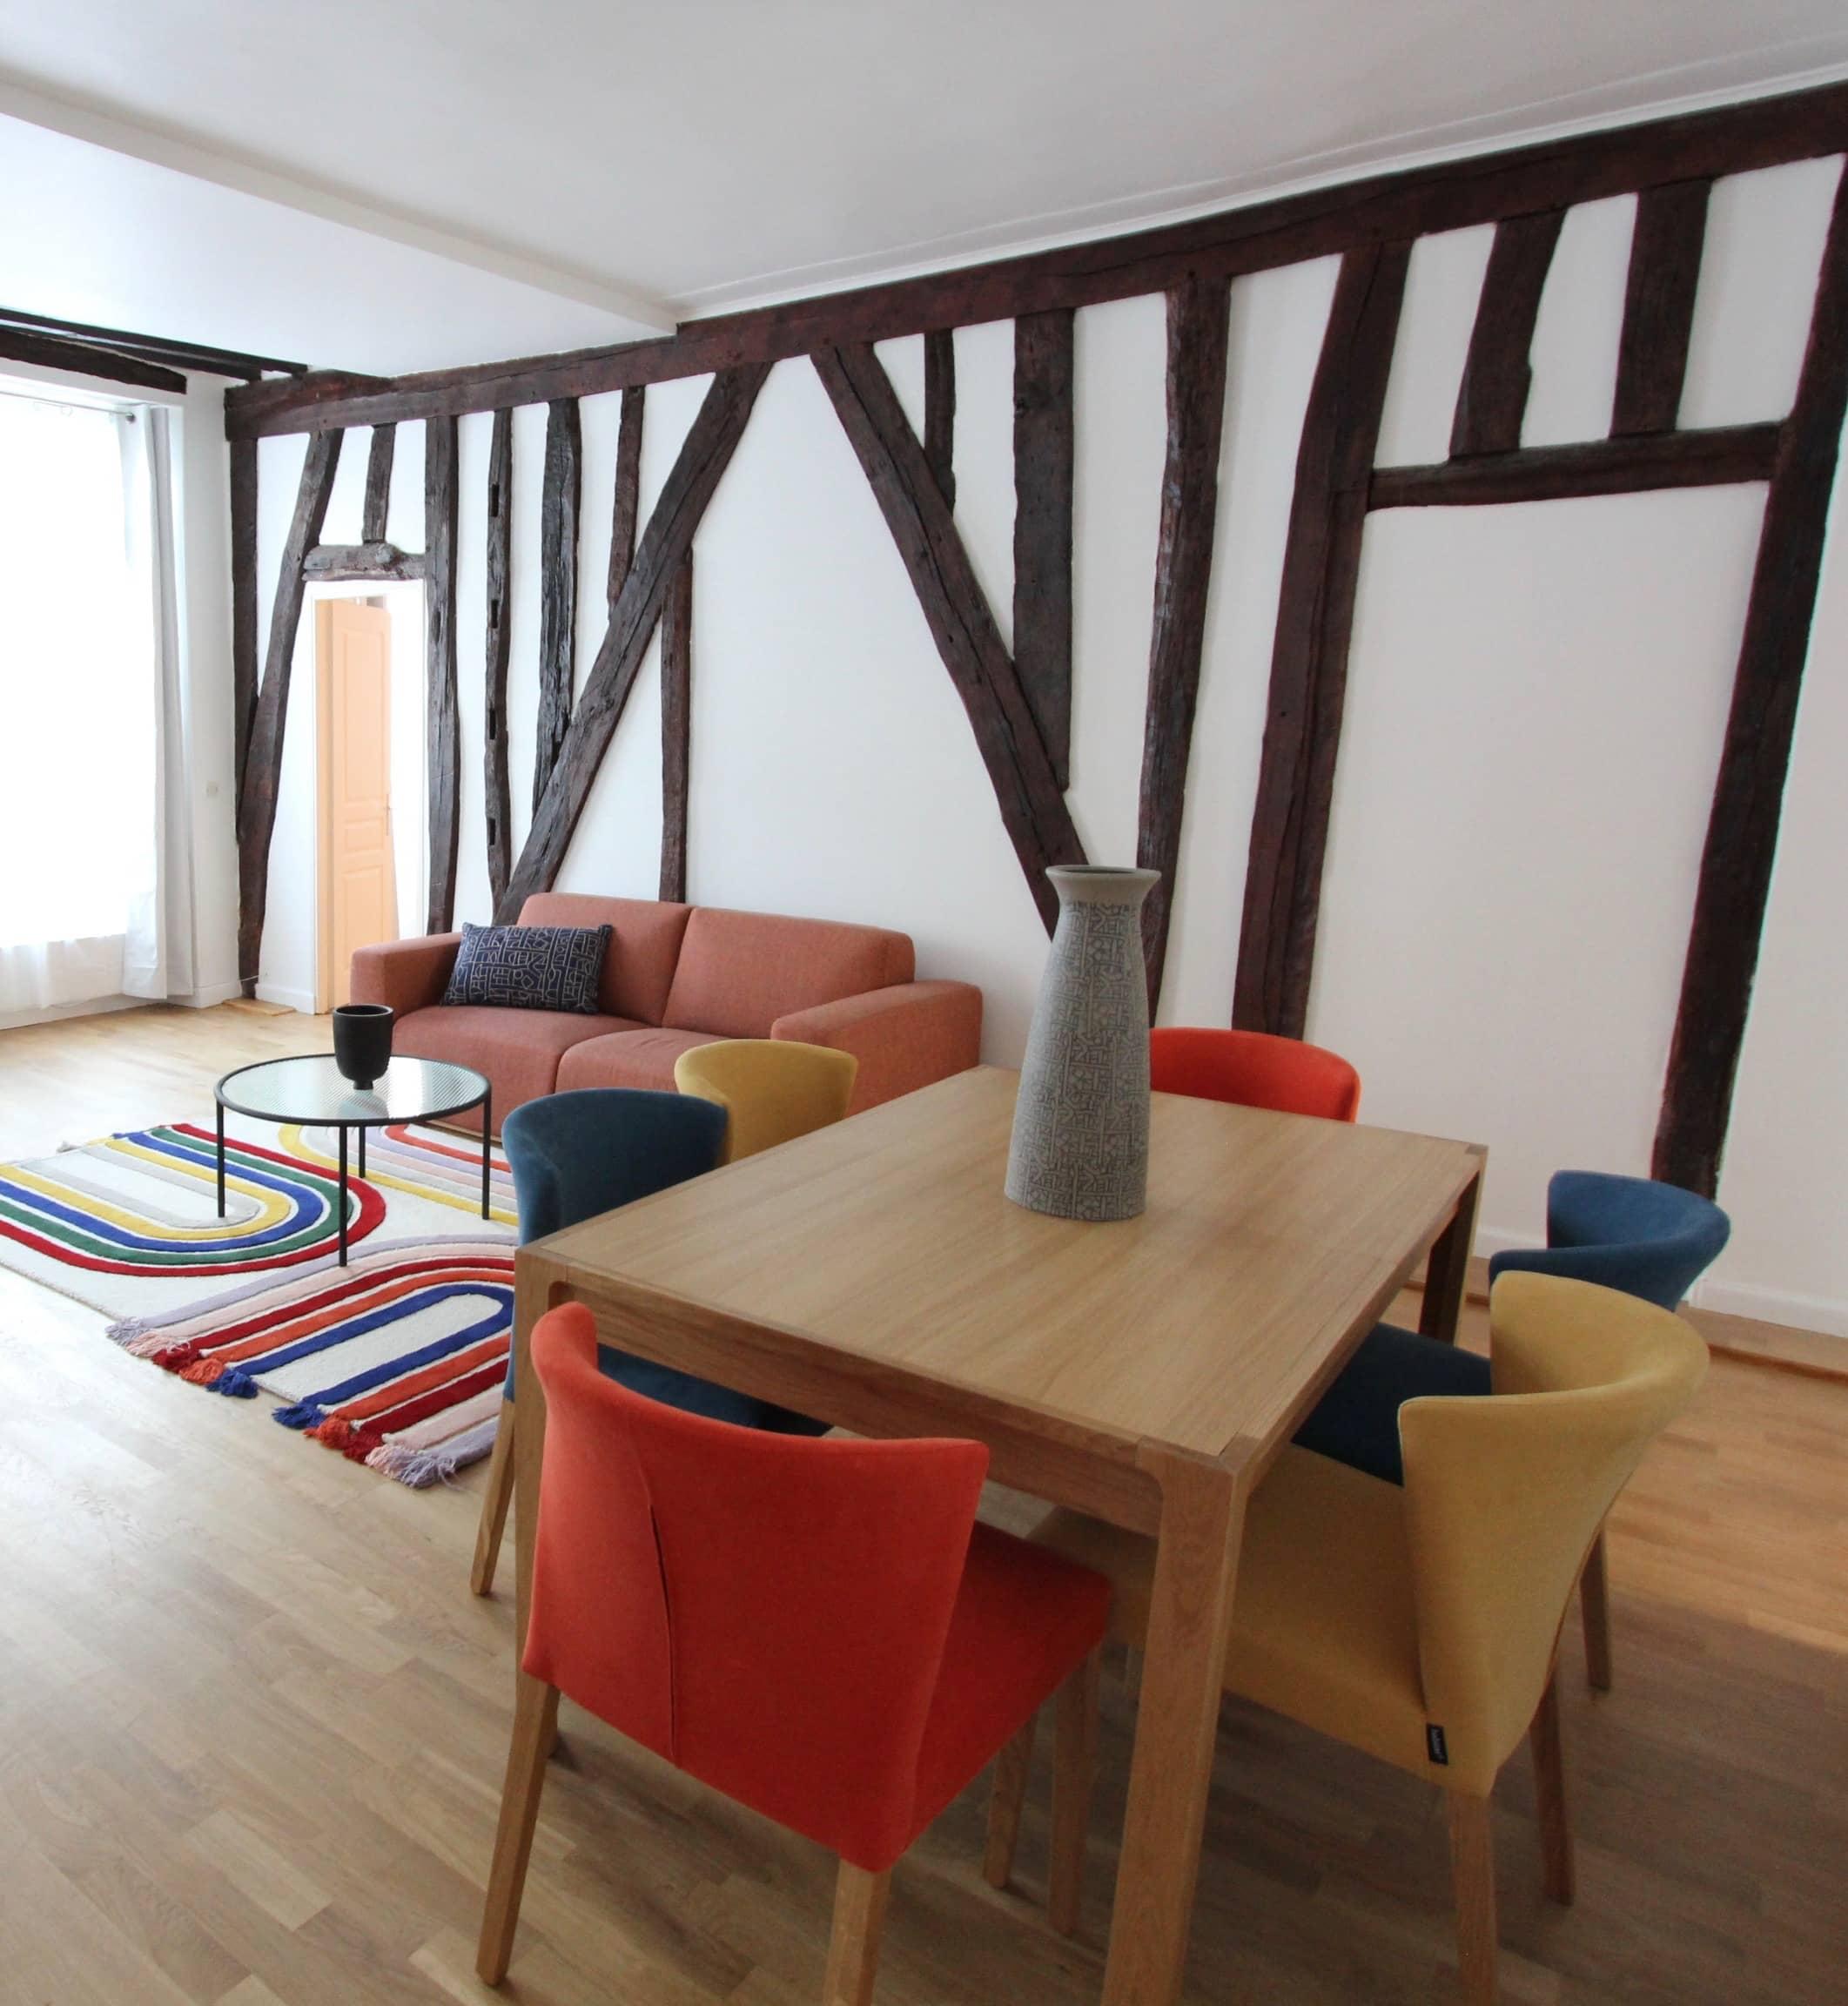 photo d'un salon avec colombages et mobilier coloré